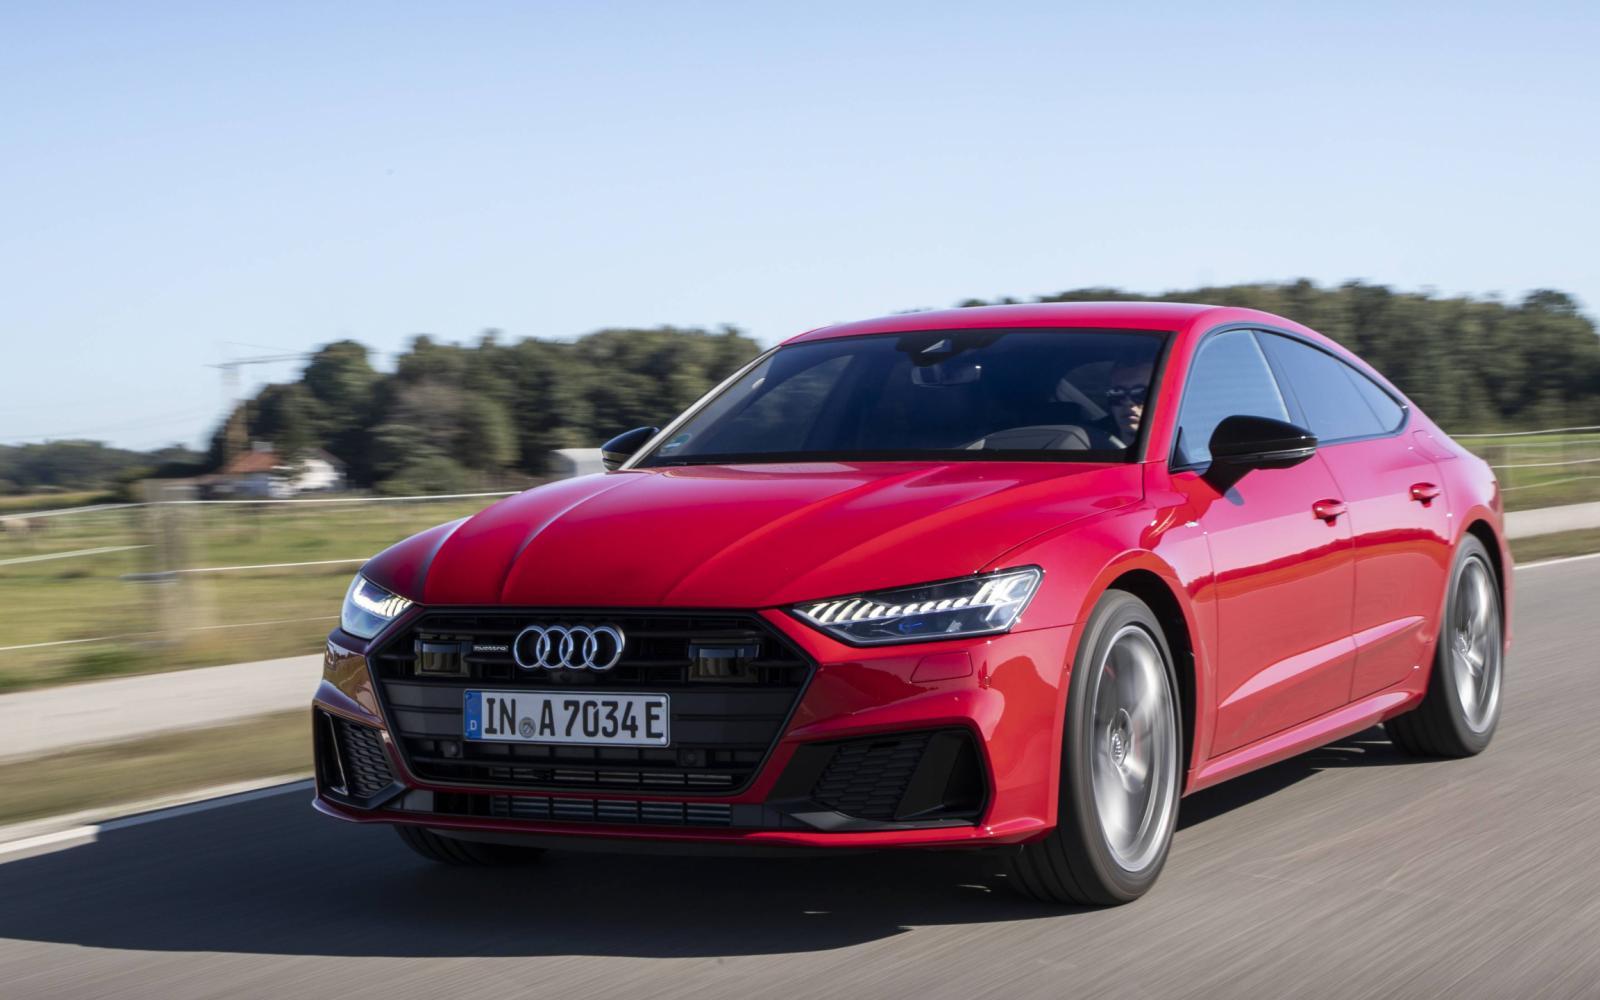 Waarom is de Audi A7 Sportback Plug-in zoveel duurder dan een A6?